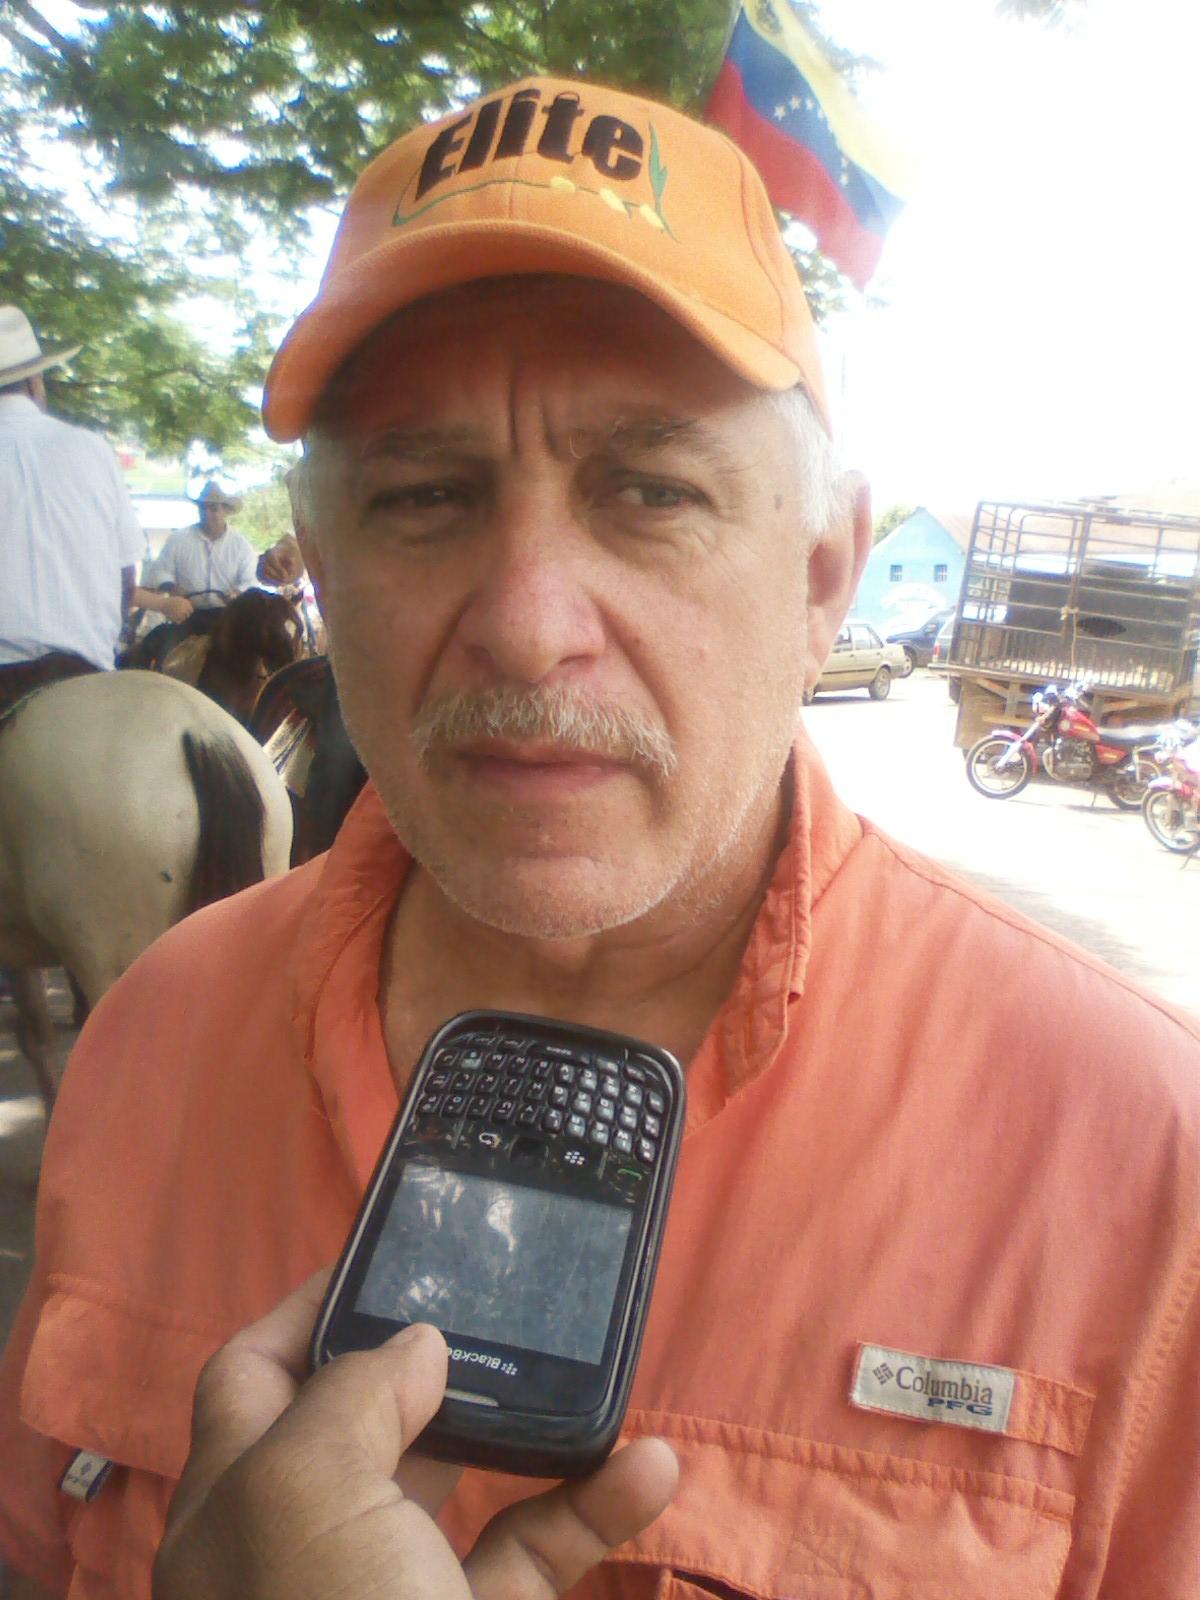 El ingeniero agrónomo y productor agrícola Rafael Meza (franela naranja) resaltó la situación bien preocupante que esta viviendo el país